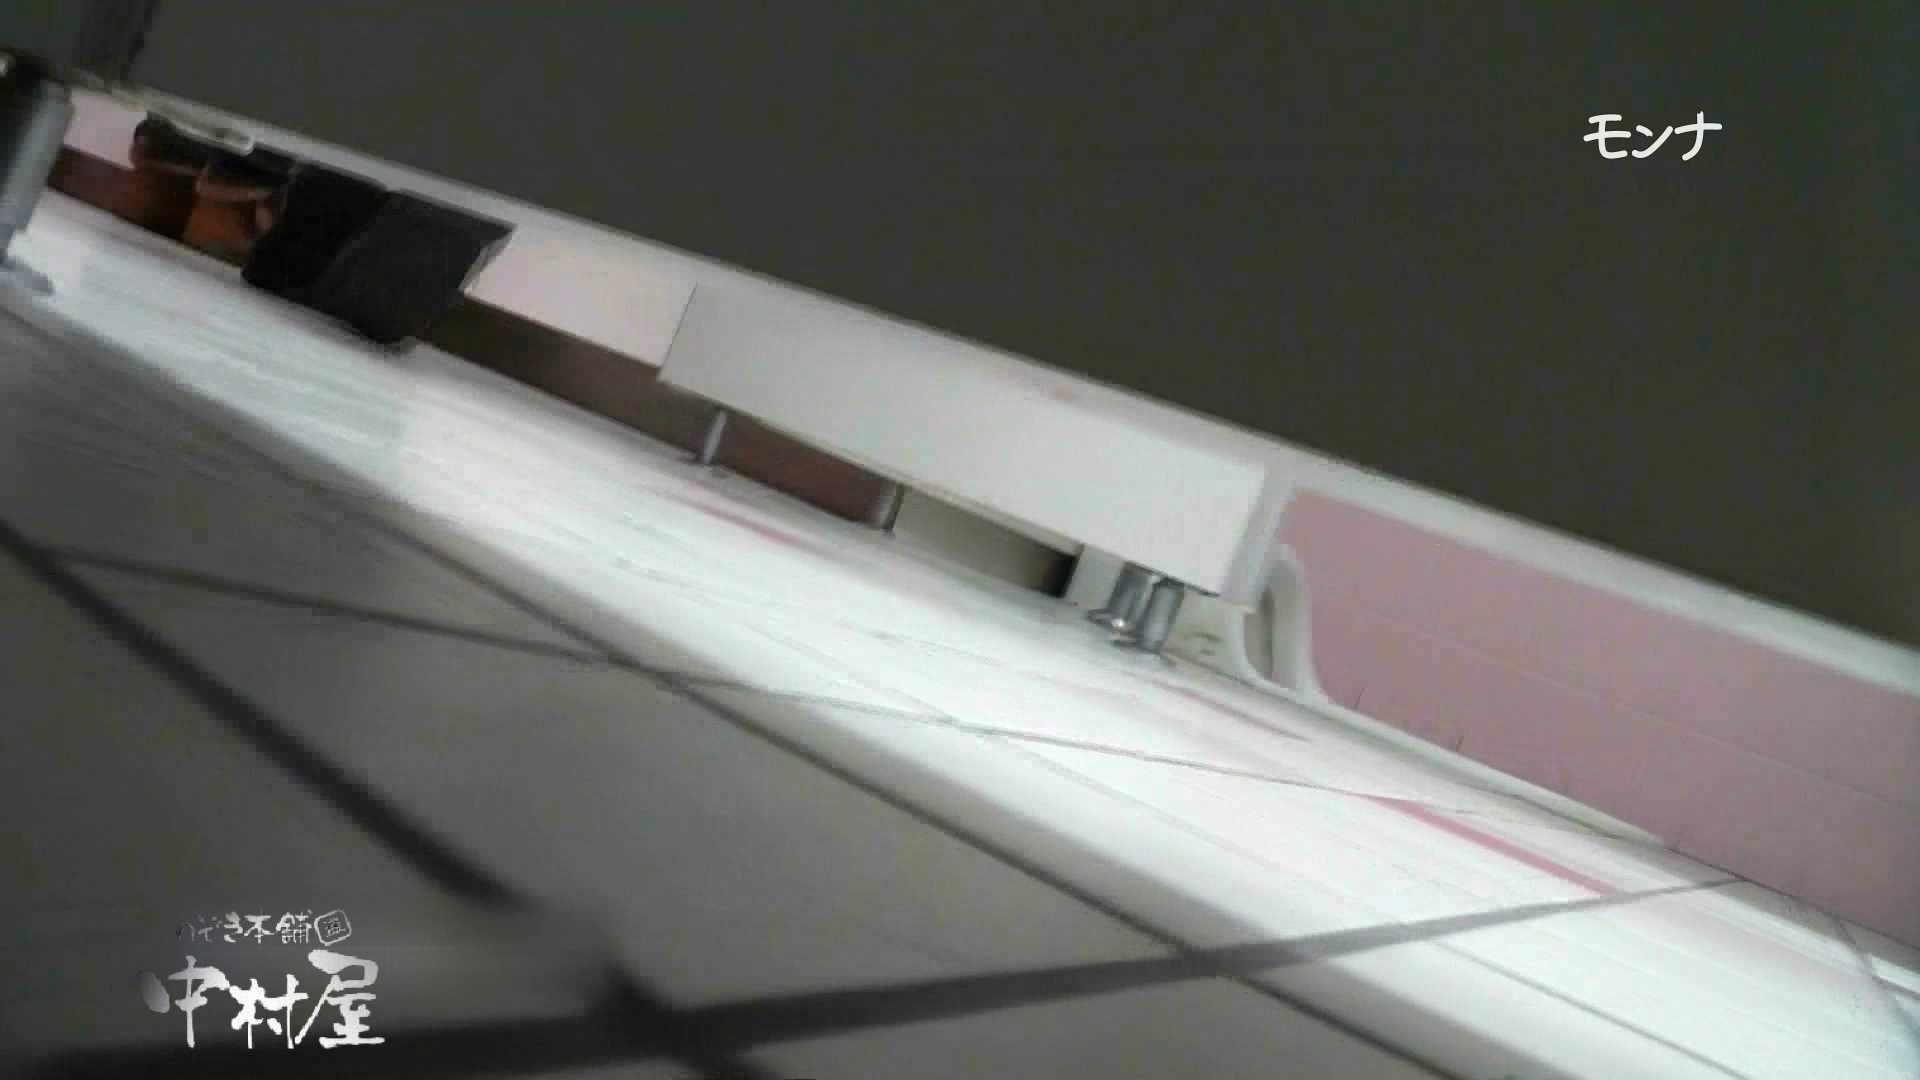 【美しい日本の未来】遂に!!戸田恵梨香似の予告モデル登場ダッシュで「大」後編 Hなモデル  105pic 94